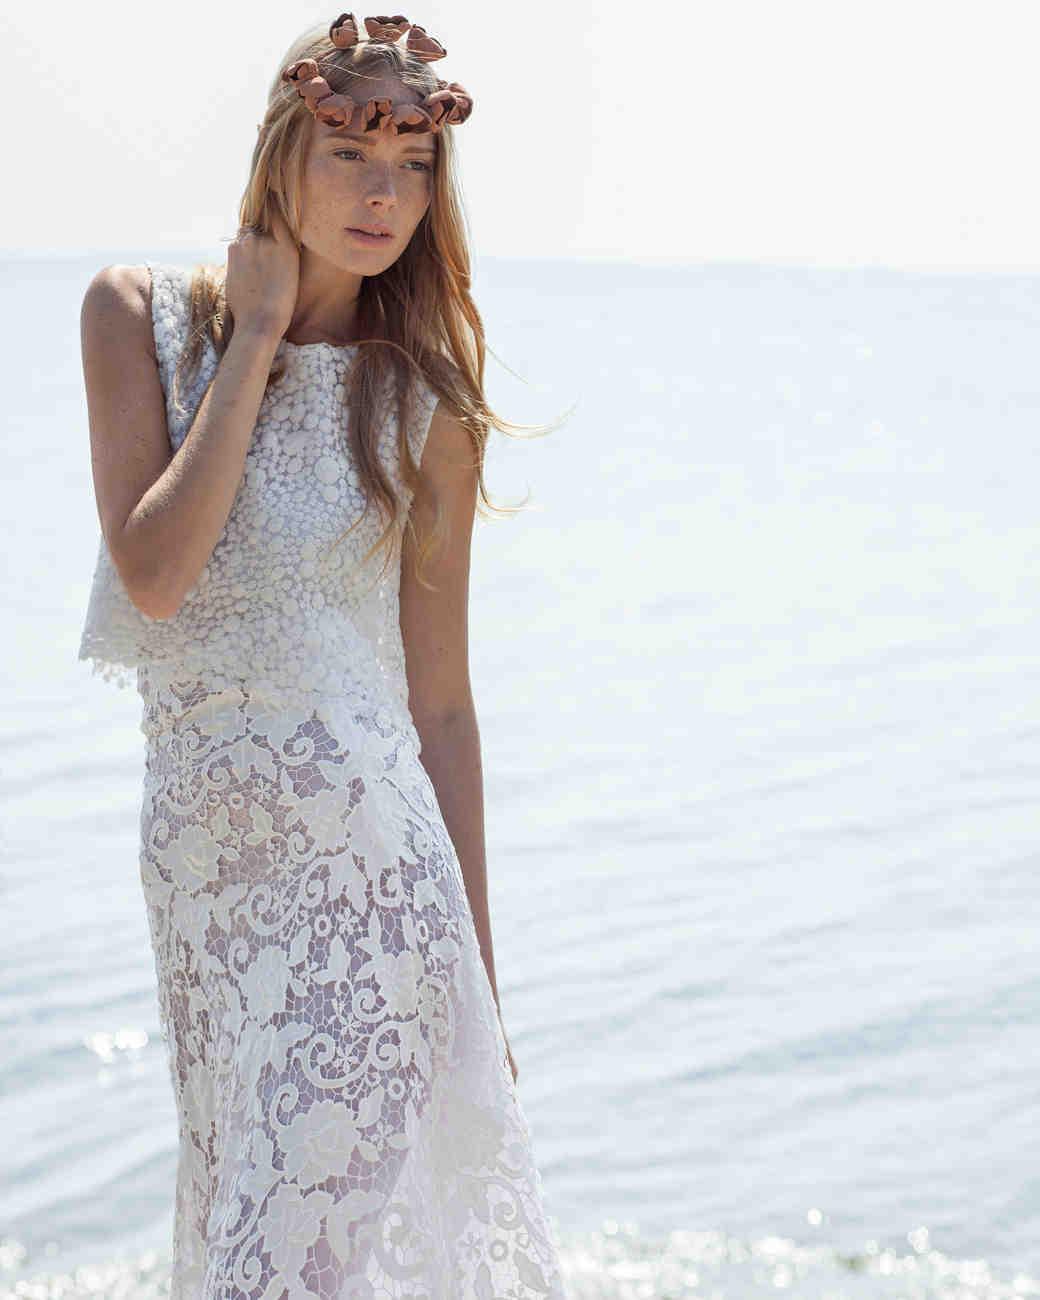 costarellos-fall2016-wedding-dress-16-52-skirt-16-82-top.jpg